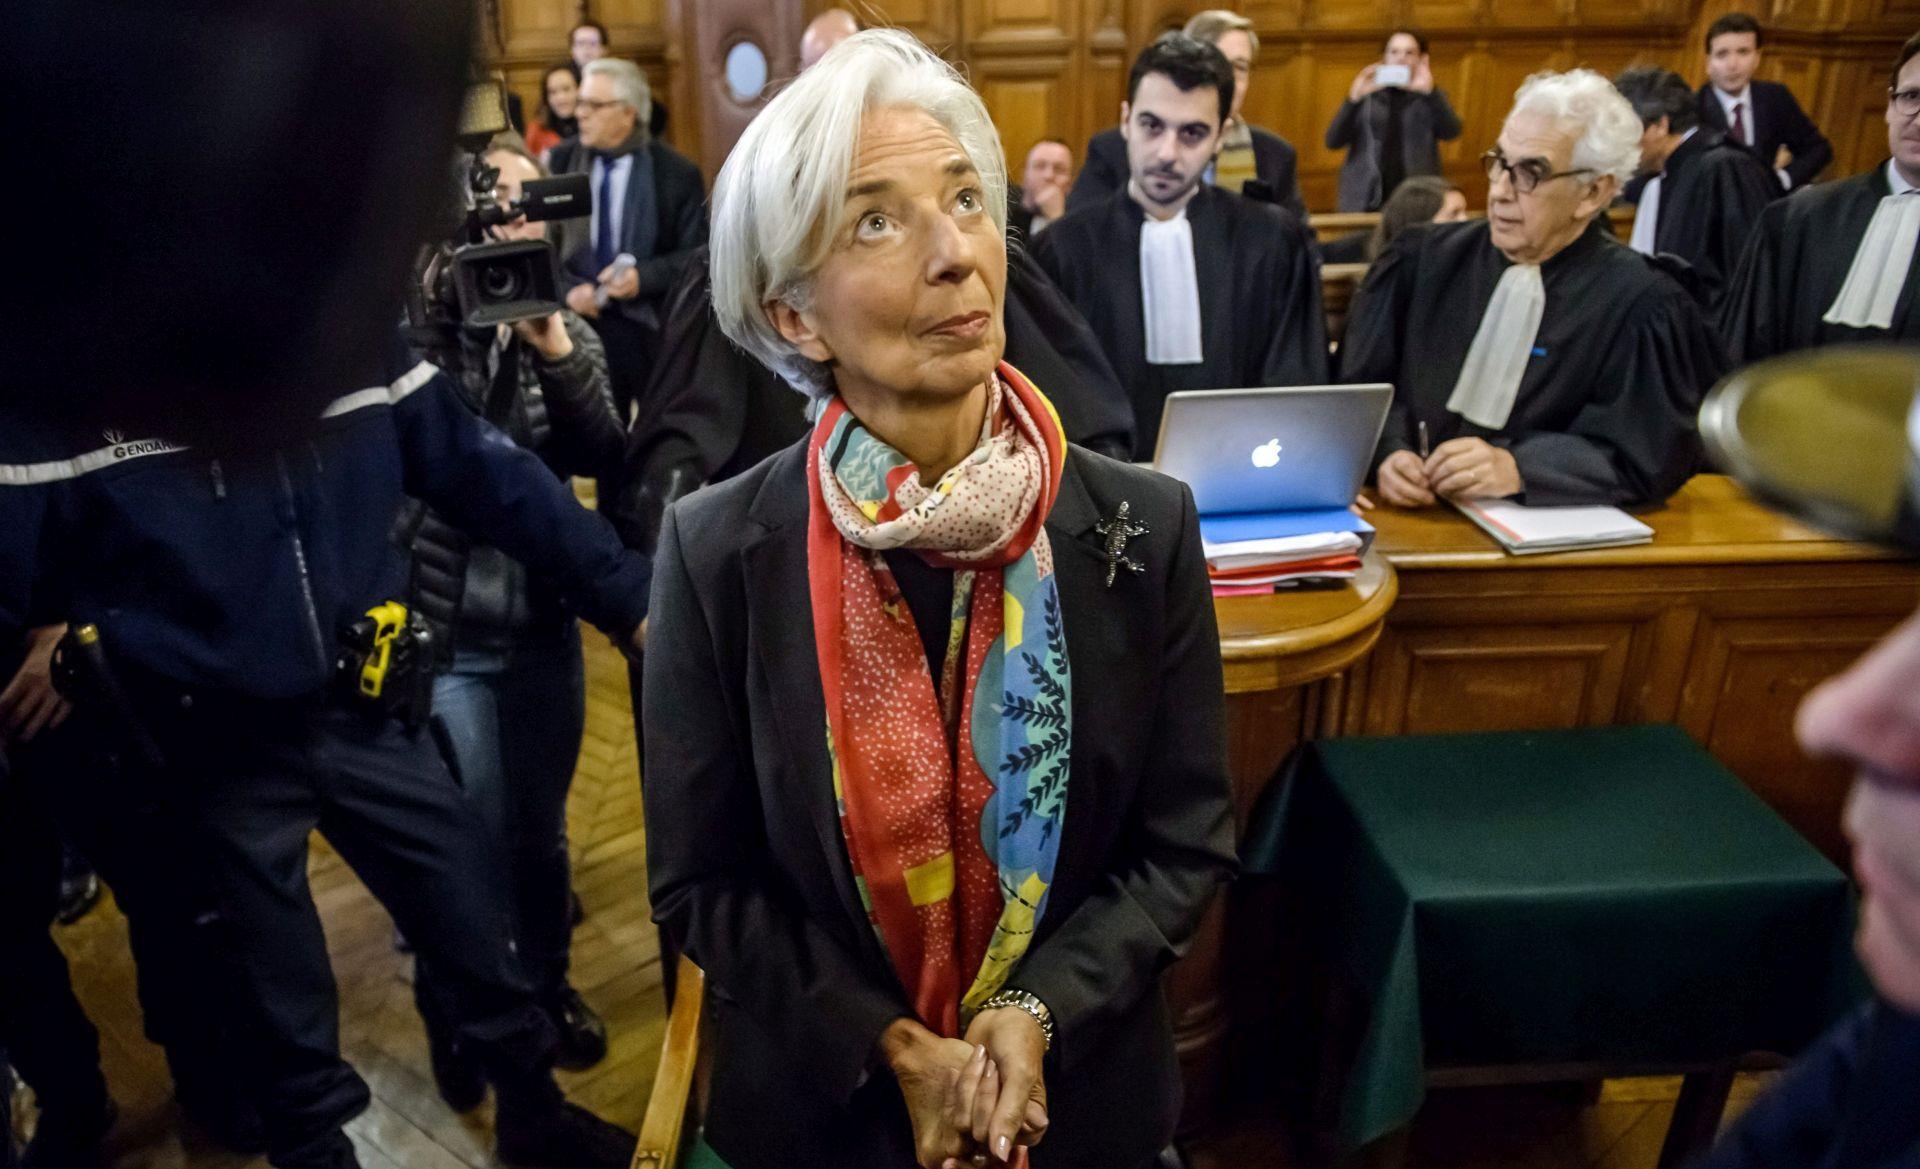 ŠEFICA MMF-A PROGLAŠENA KRIVOM Afera oko isplate 400 milijuna eura poduzetniku